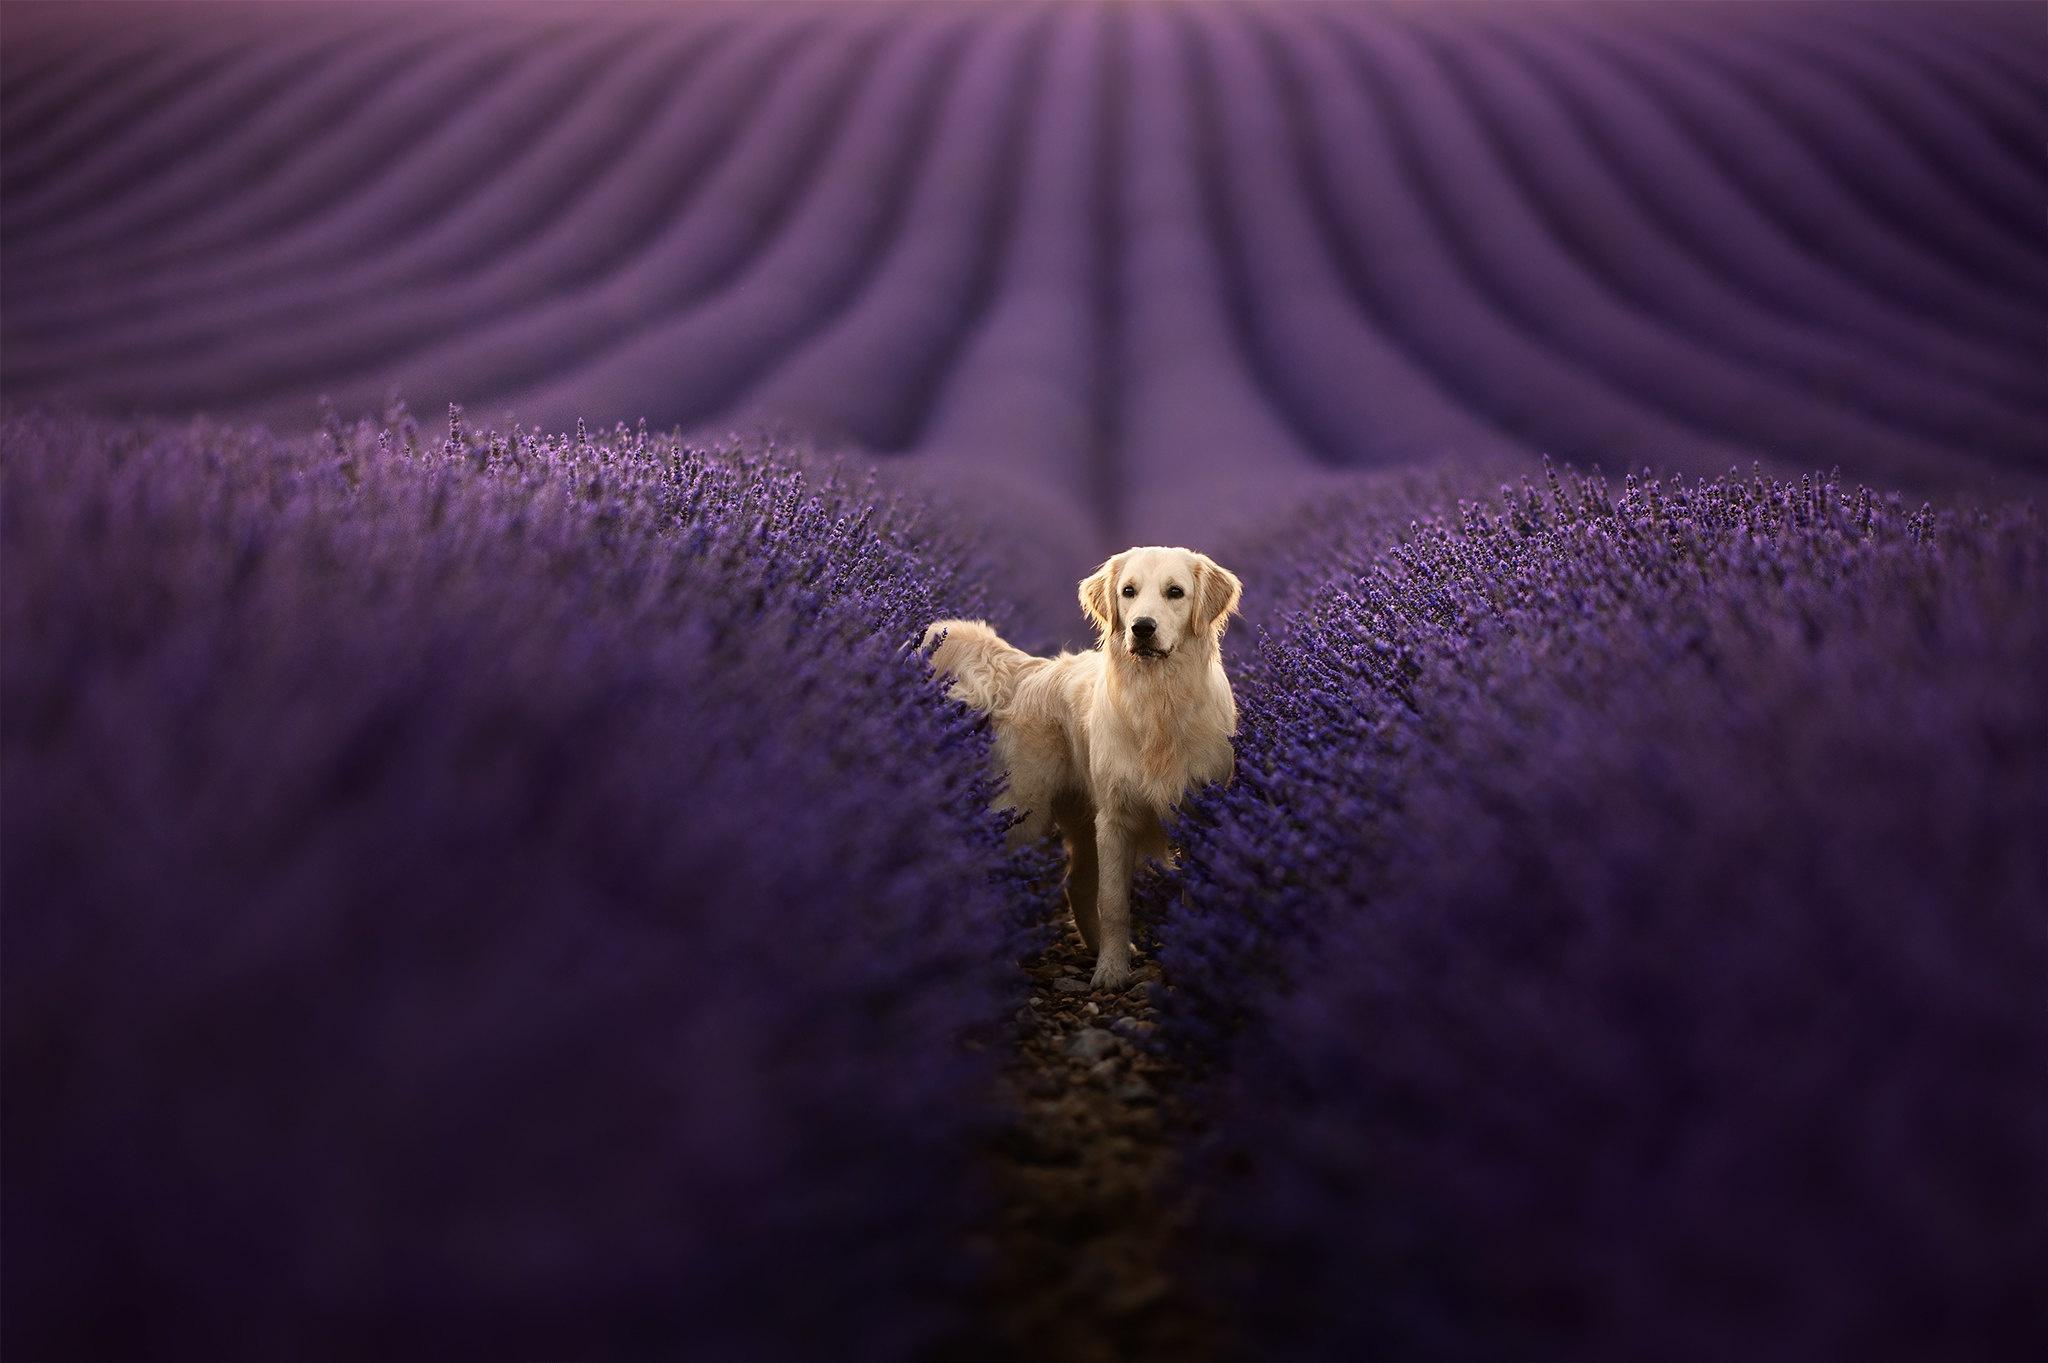 Dog Lavender Pet Depth Of Field Field Flower 2048x1363